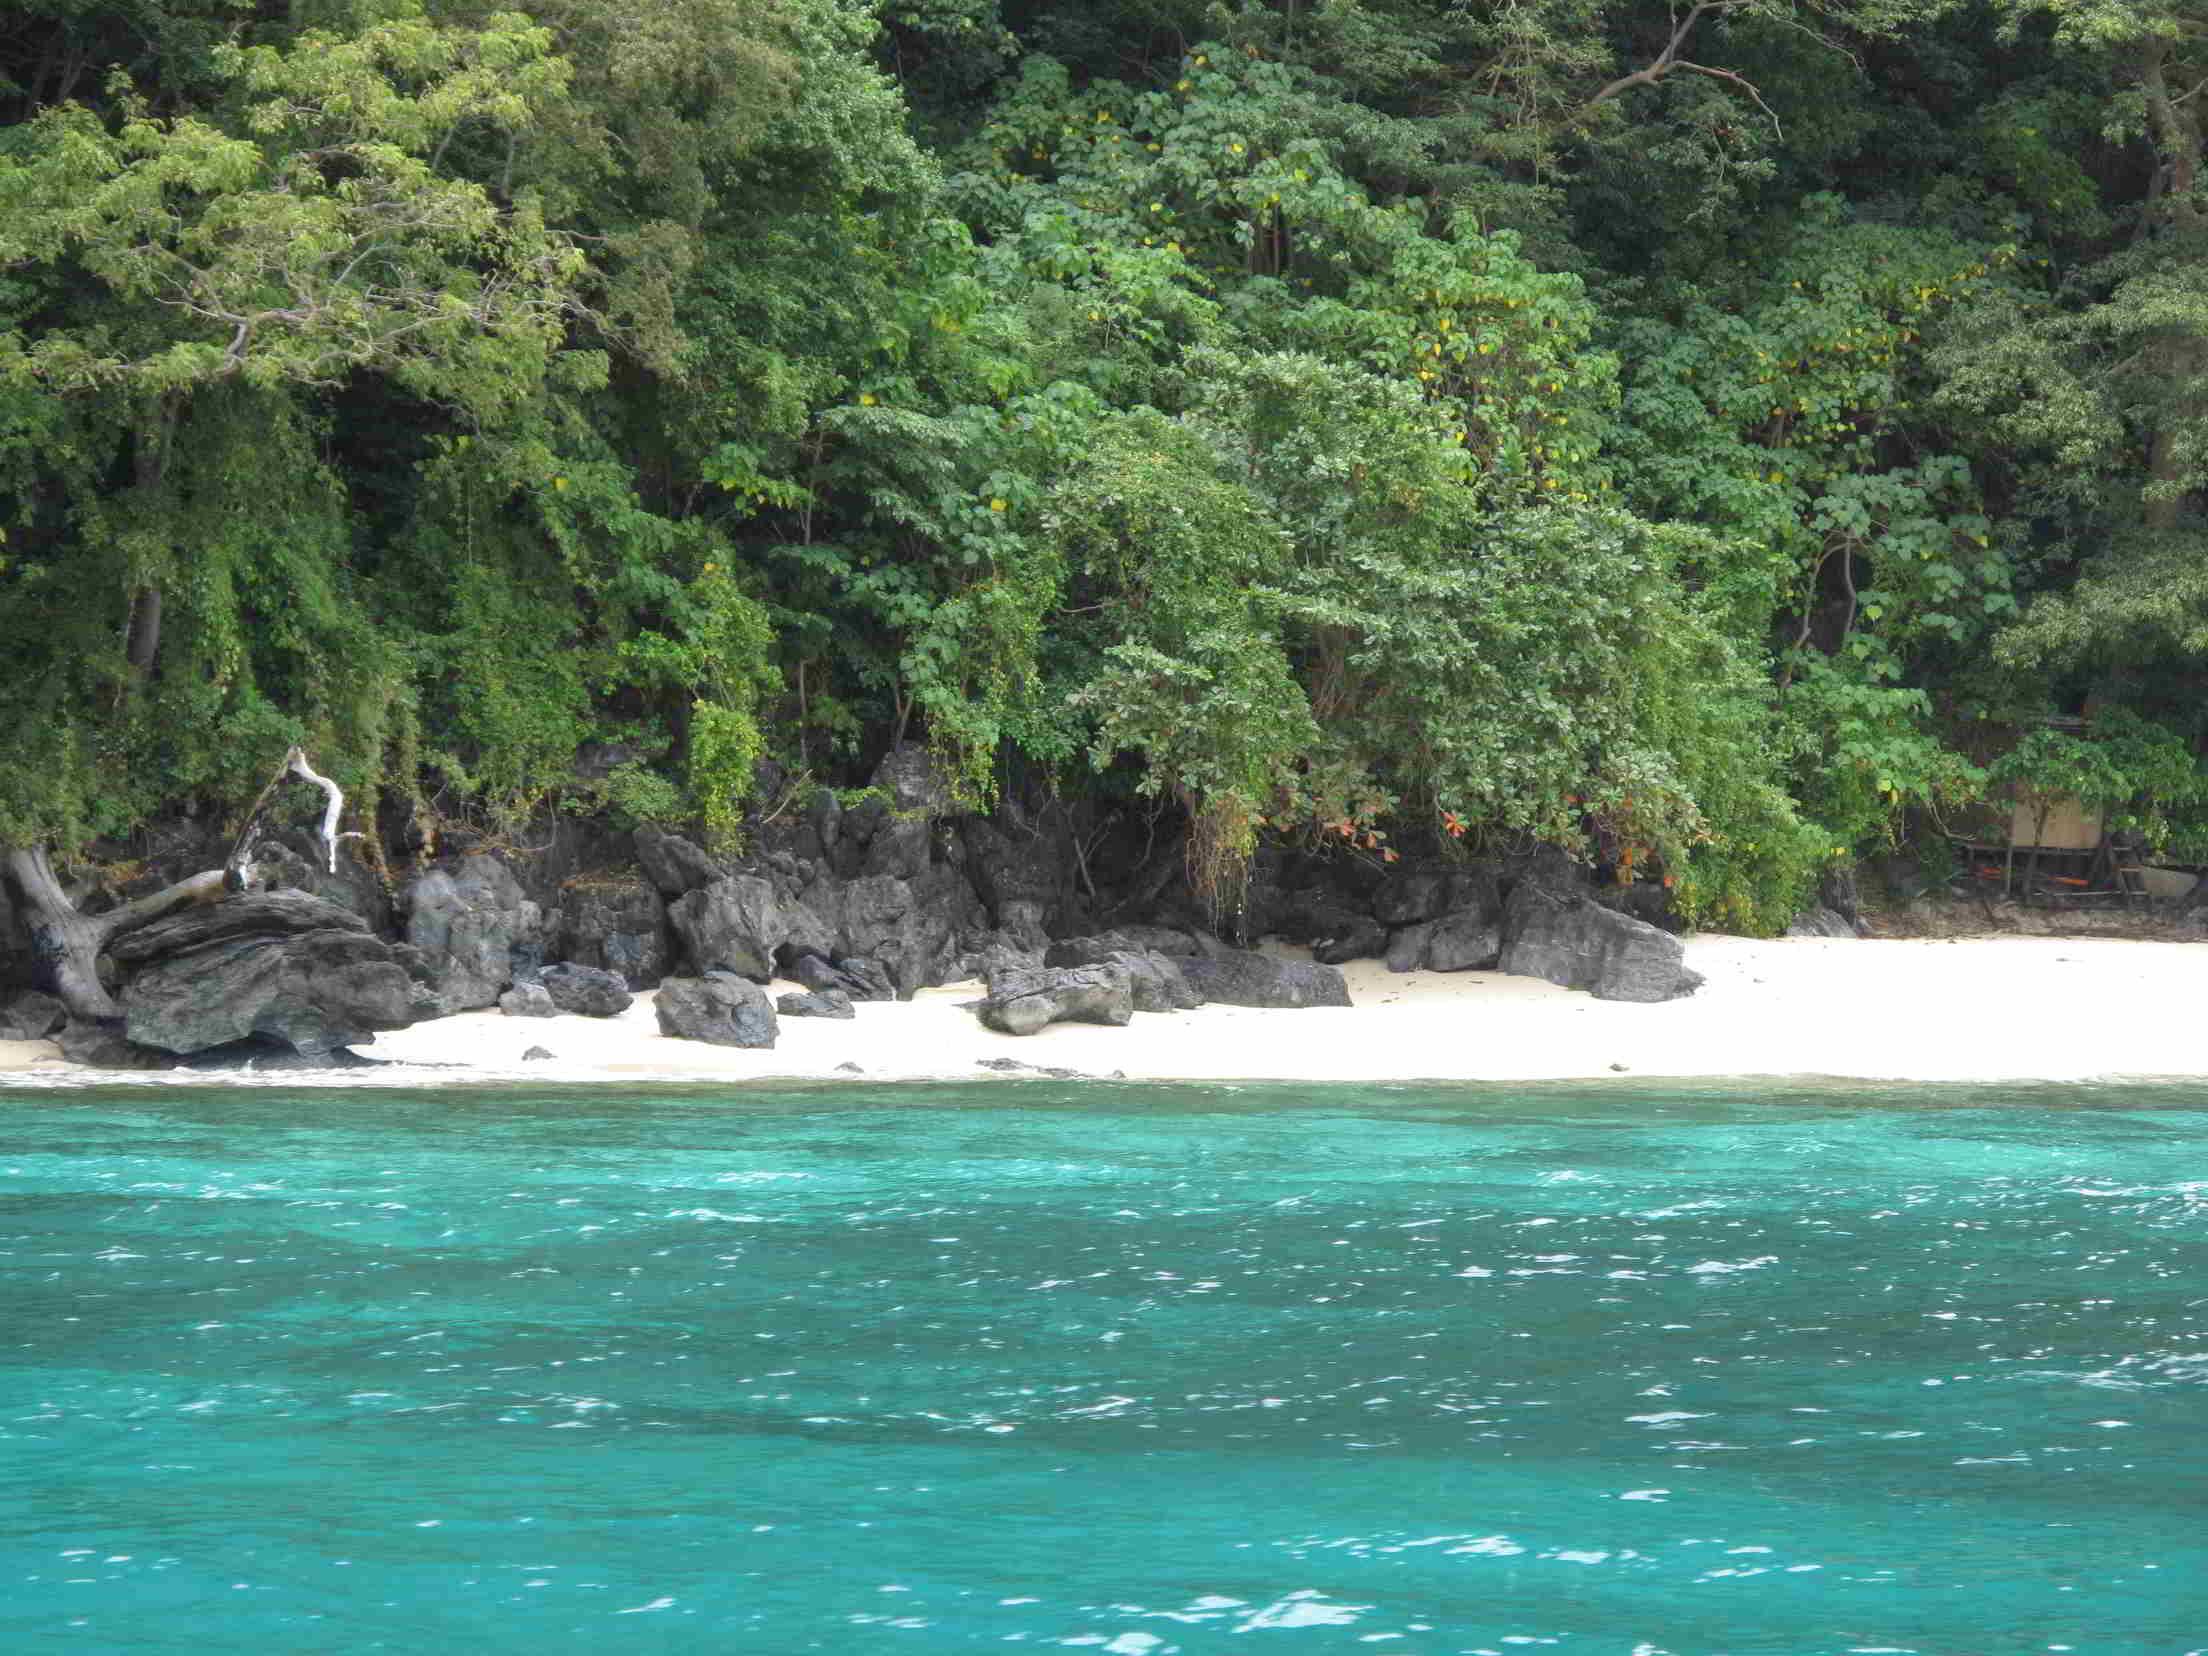 Palawan Traumstrand mit grün blauem Wasser